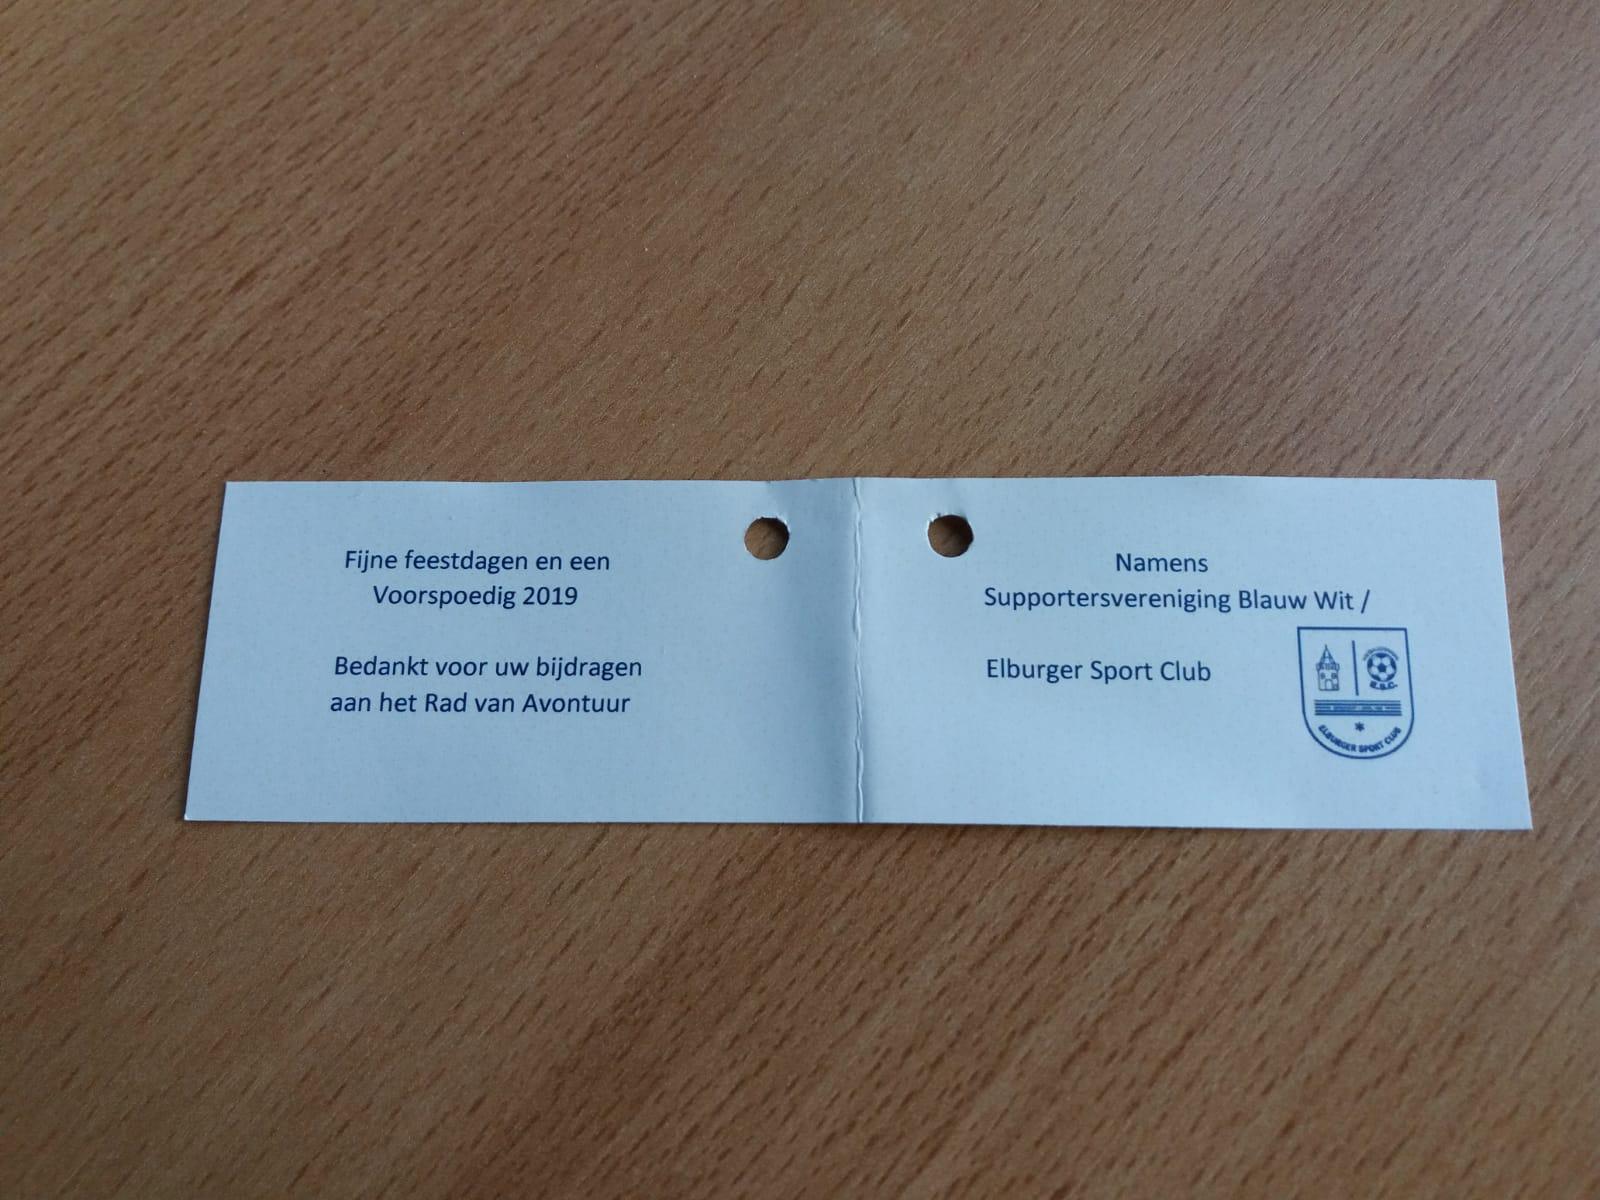 Supportersvereniging Blauw-Witbedankt haar sponsoren - Elburger SC